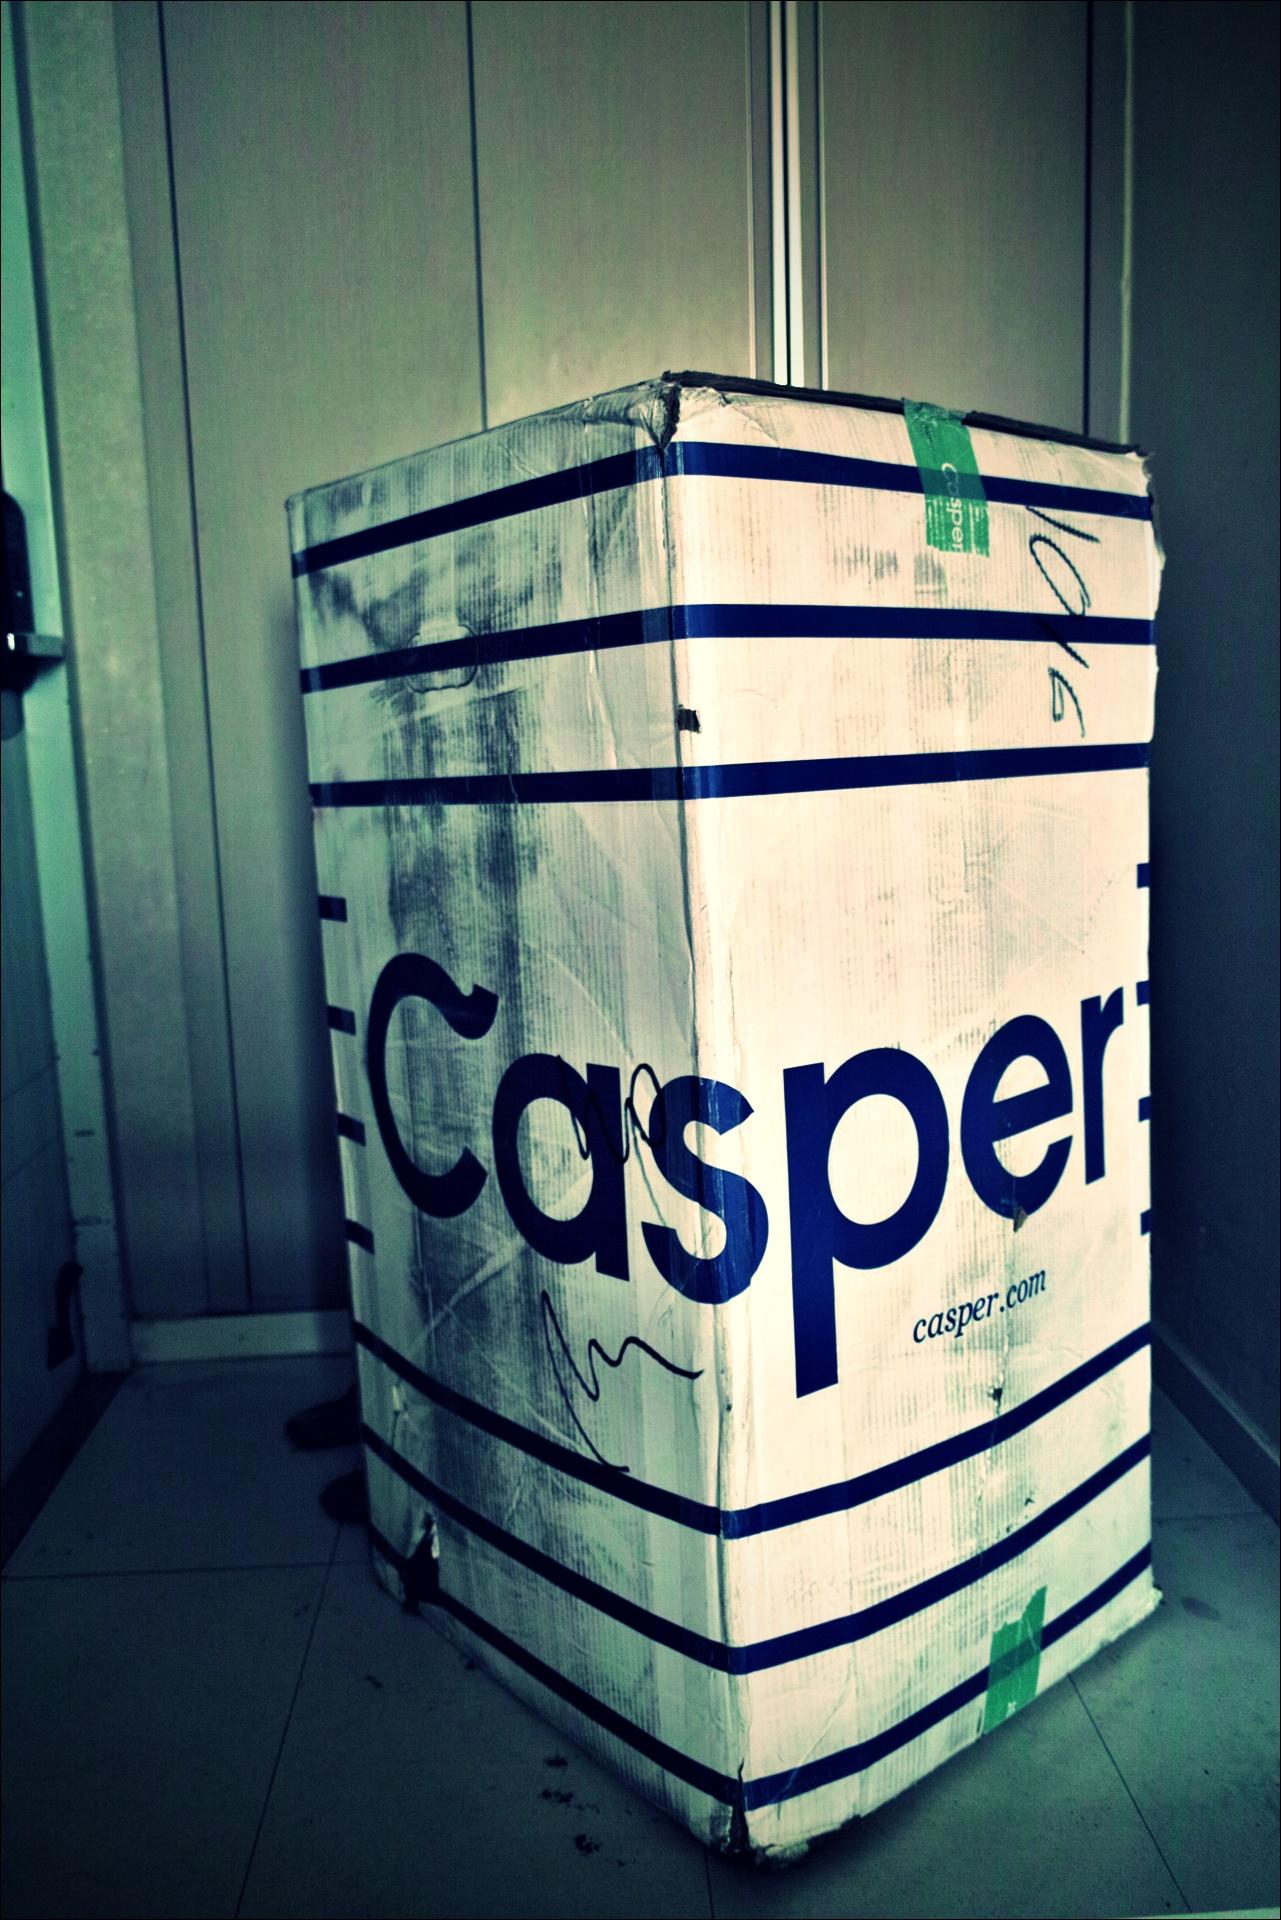 상자-'캐스퍼 메모리폼 매트리스 the casper mattress'